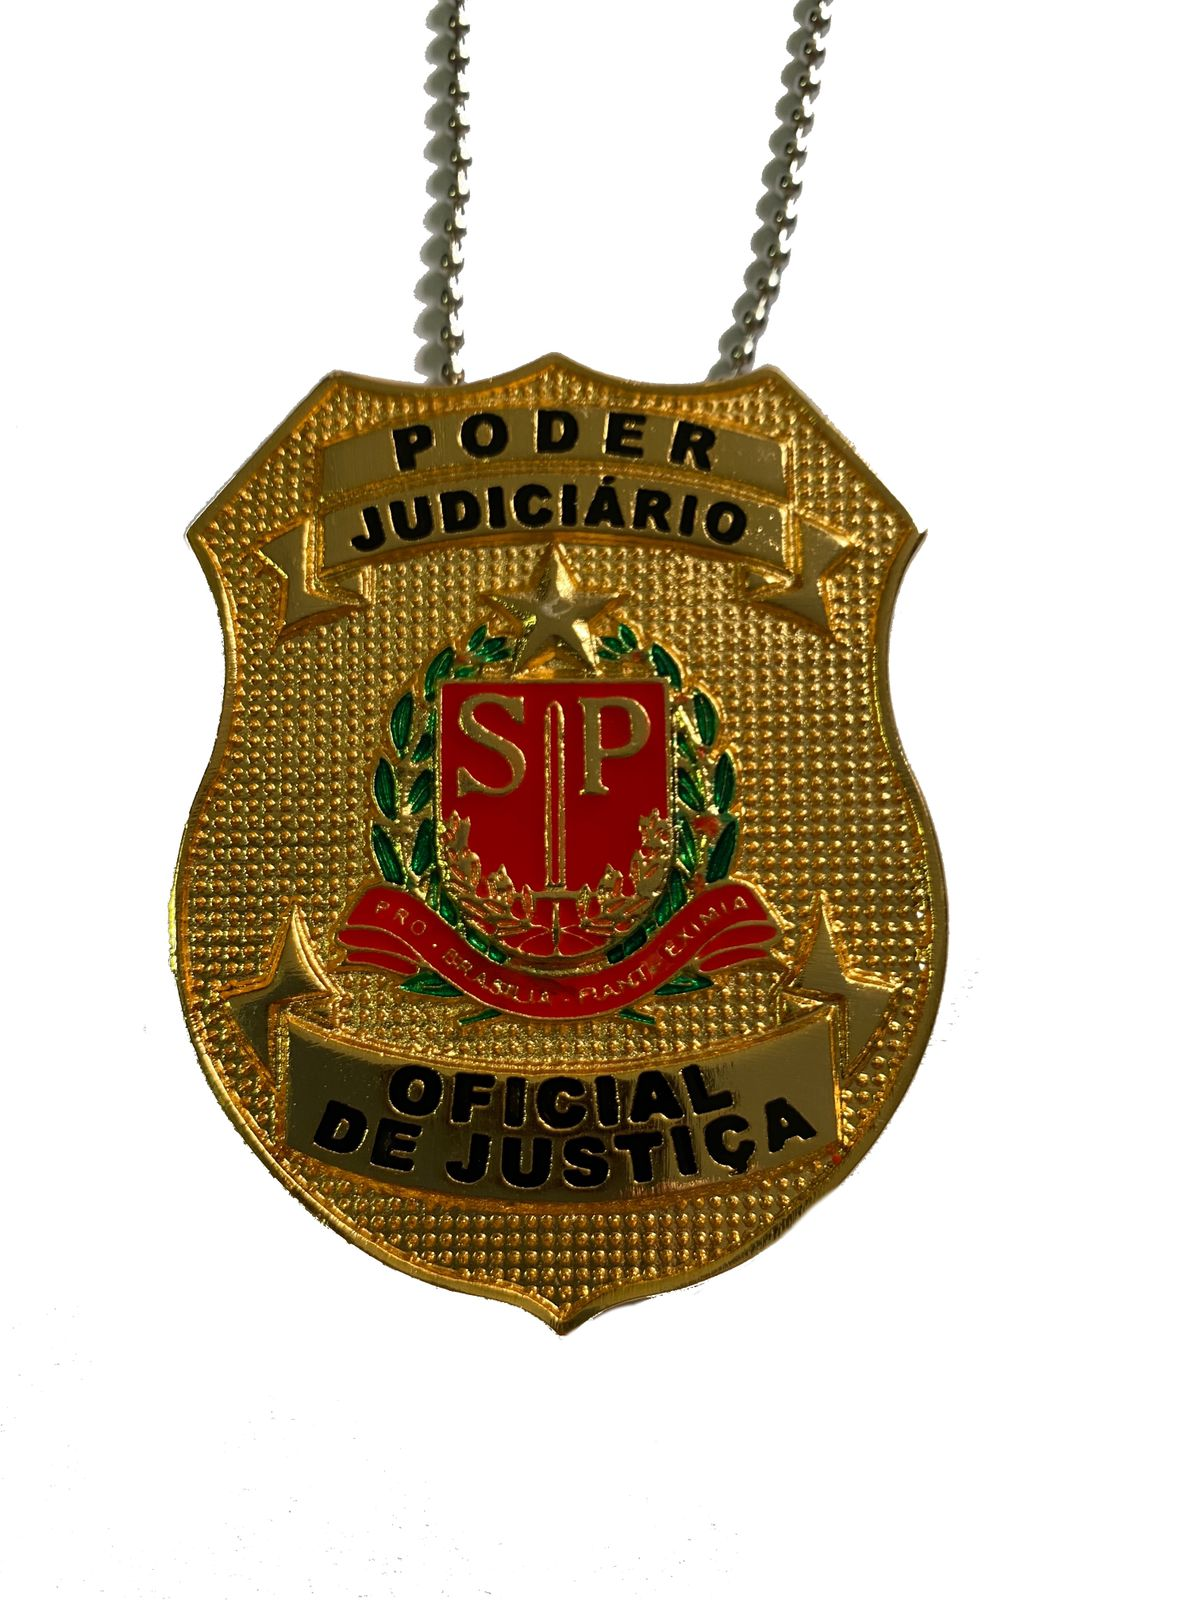 PODER JUDICIÁRIO DE SÃO PAULO - OFICIAL DE JUSTIÇA